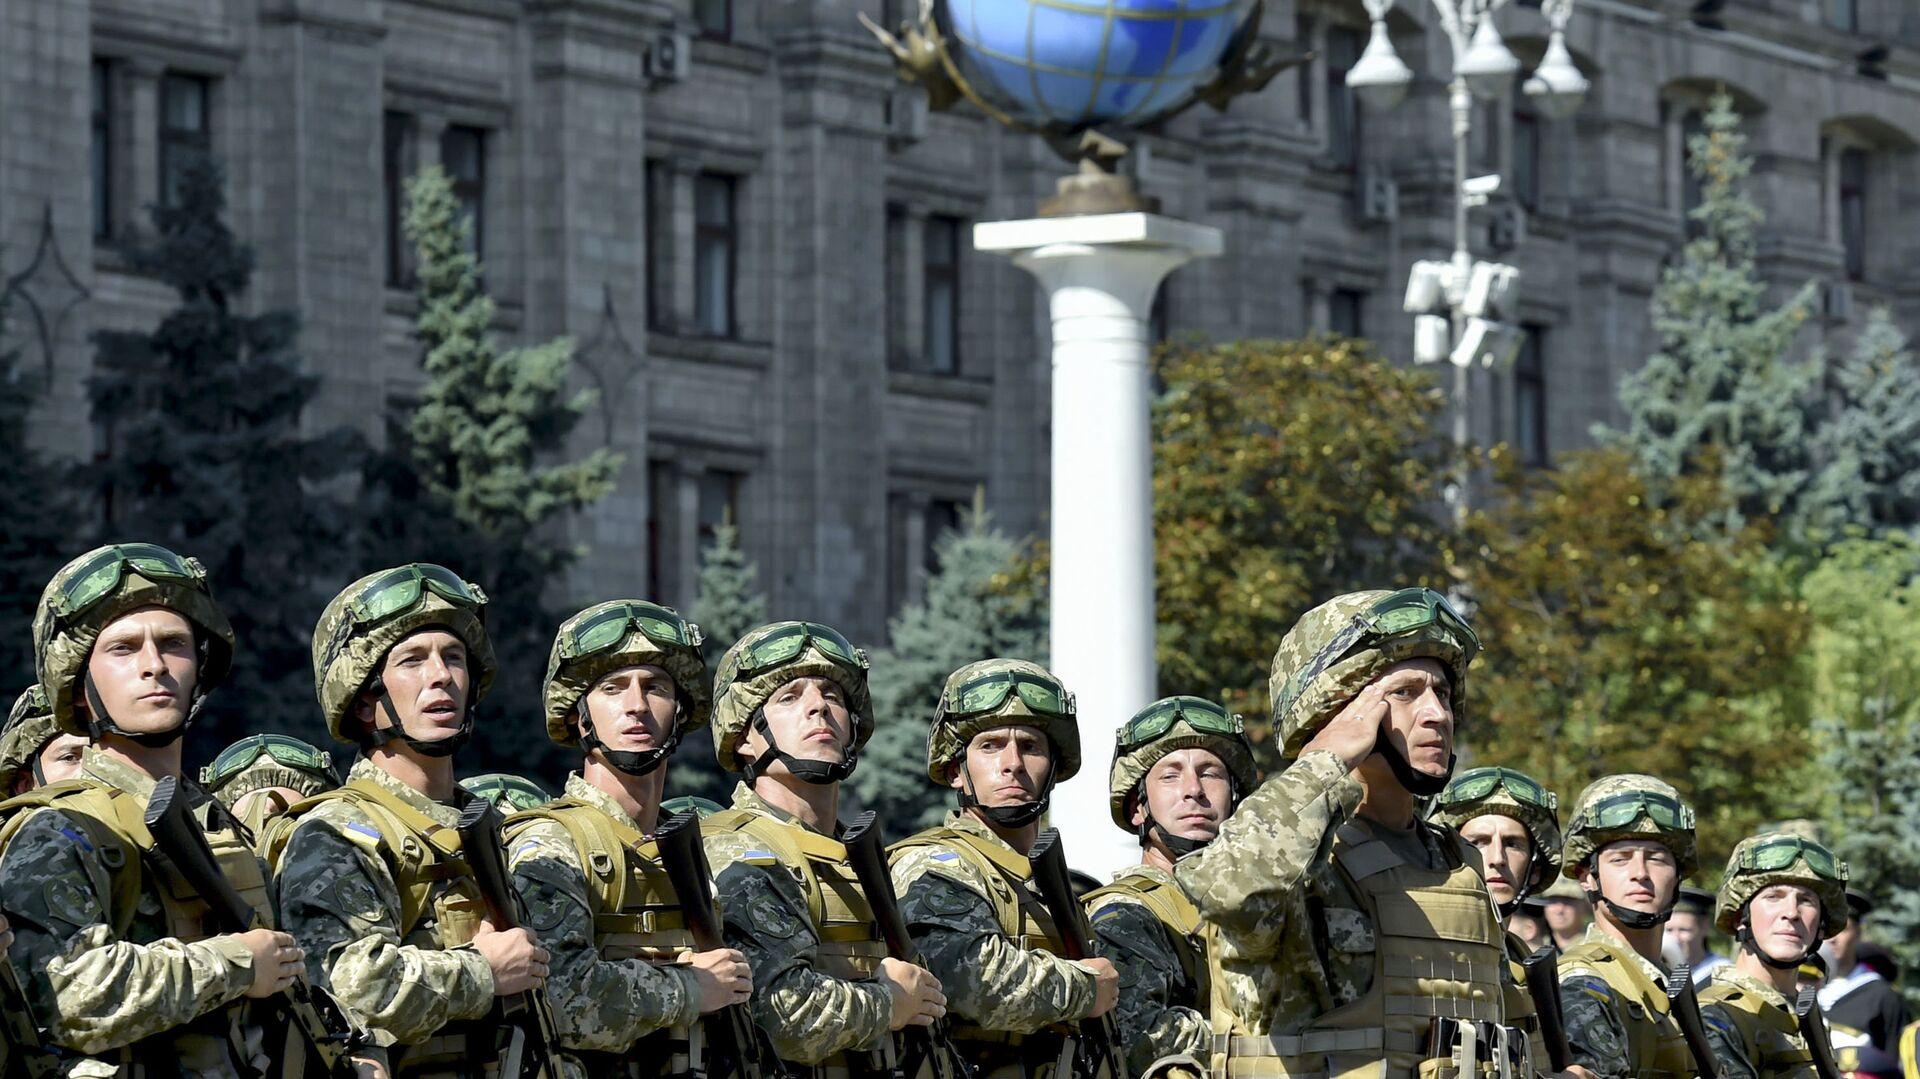 Военнослужащие ВСУ на марше в честь Дня Независимости в Киеве - Sputnik Латвия, 1920, 18.08.2021